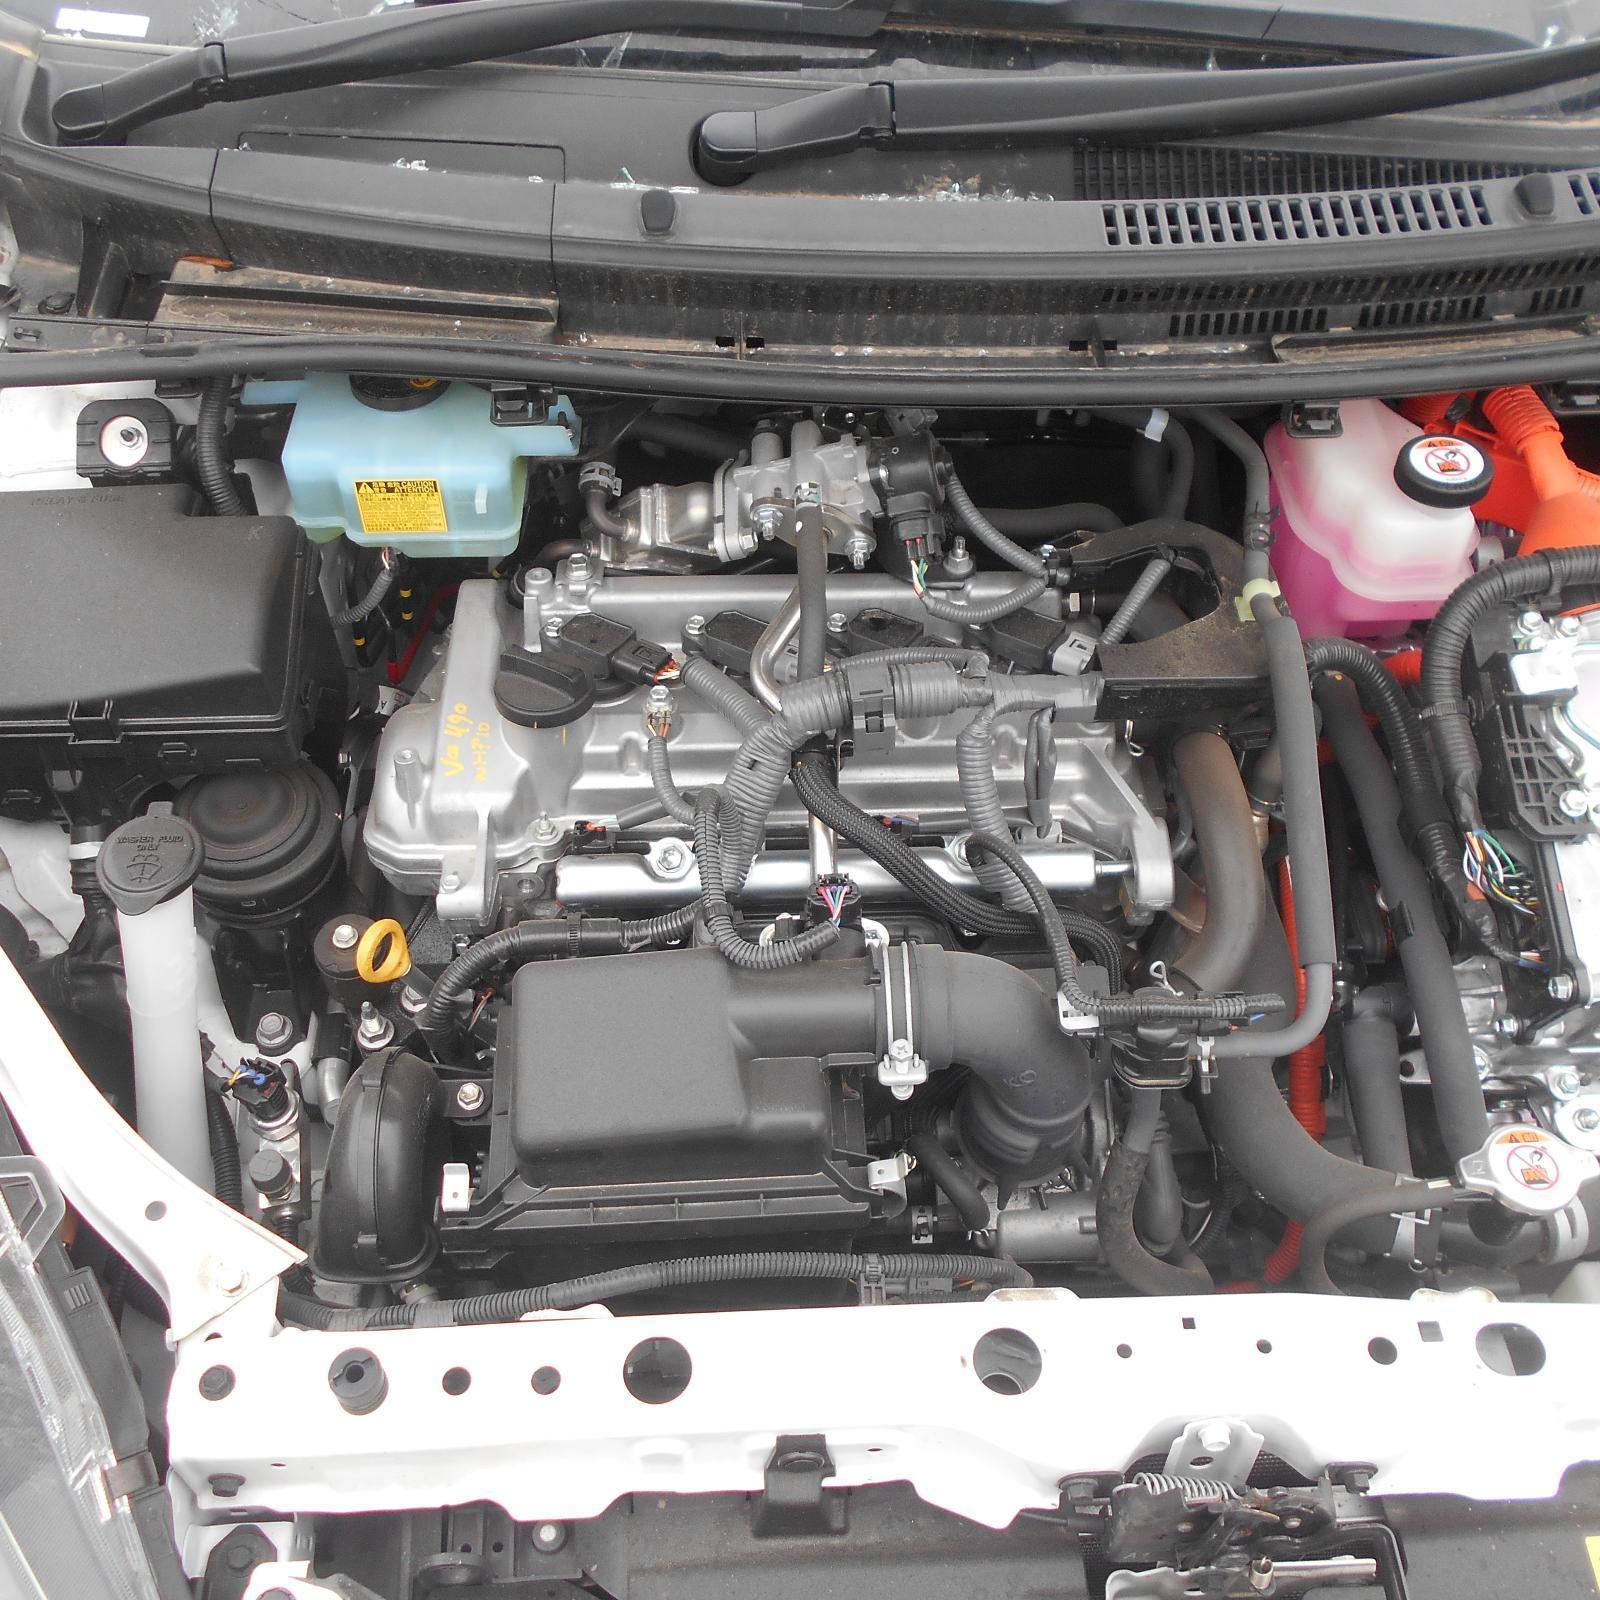 TOYOTA PRIUS, Engine, PETROL, 1.5, 1NZ-FXE, HYBRID, NHP10R, PRIUS C, 03/12-